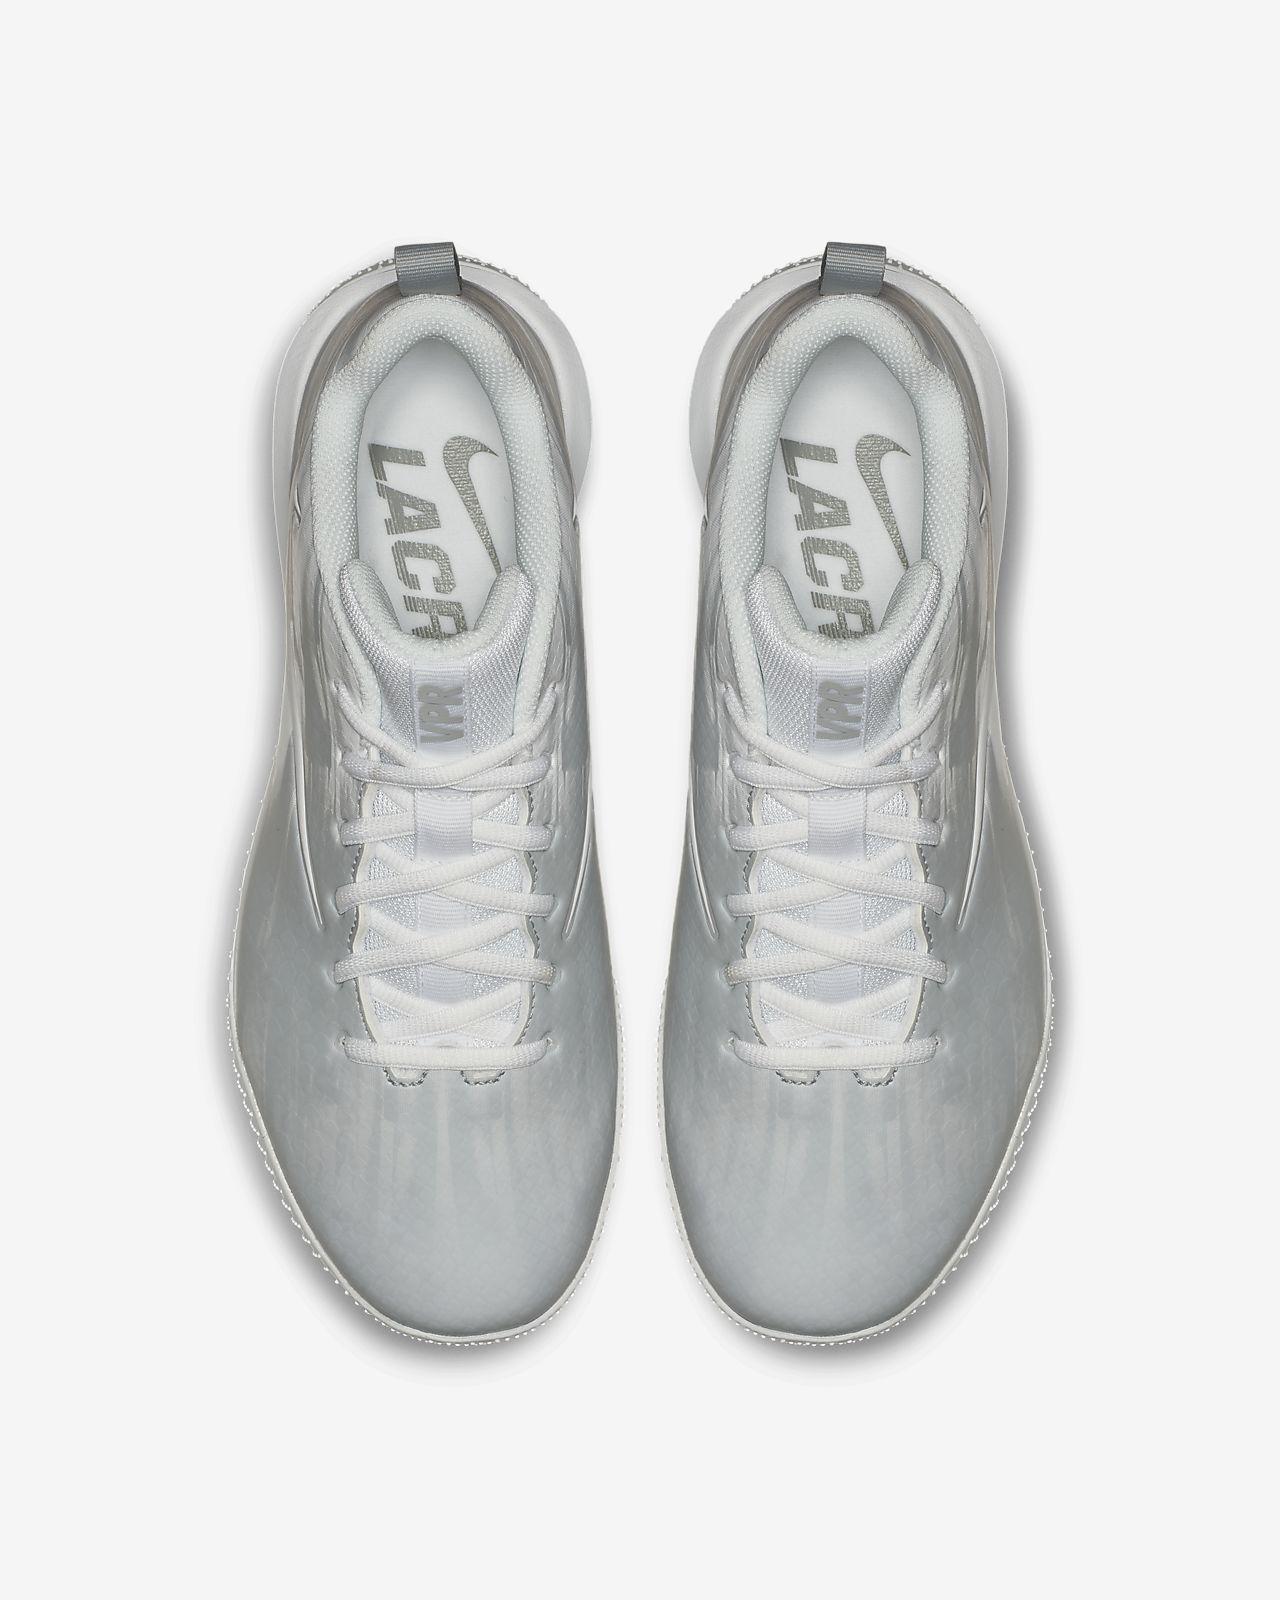 424ff05ac Nike Vapor Varsity Low Turf LAX Lacrosse Shoe. Nike.com